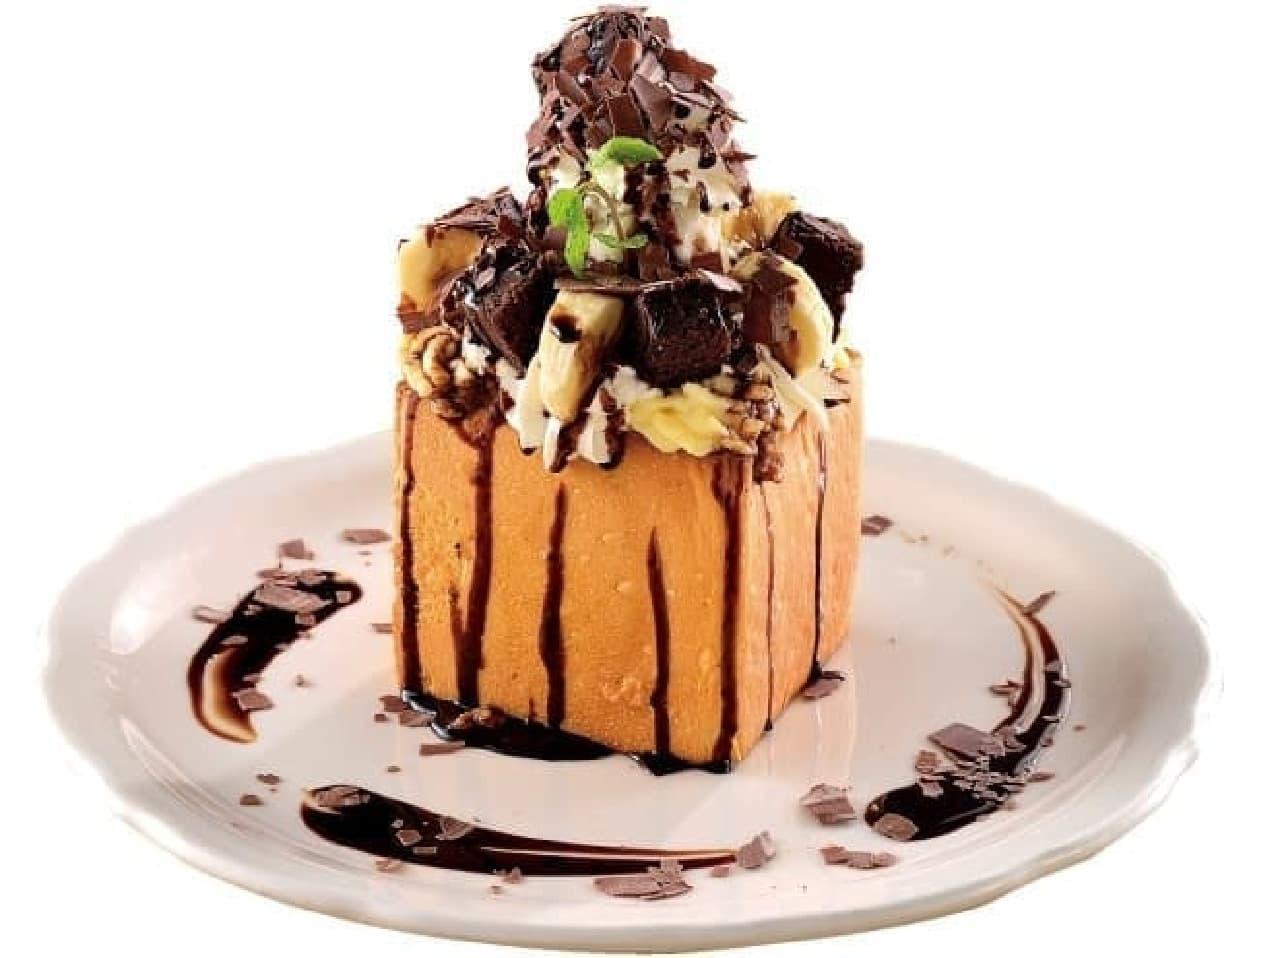 オリジナルパンケーキハウス ハニーフレンチトースト「クラシックショコラ」